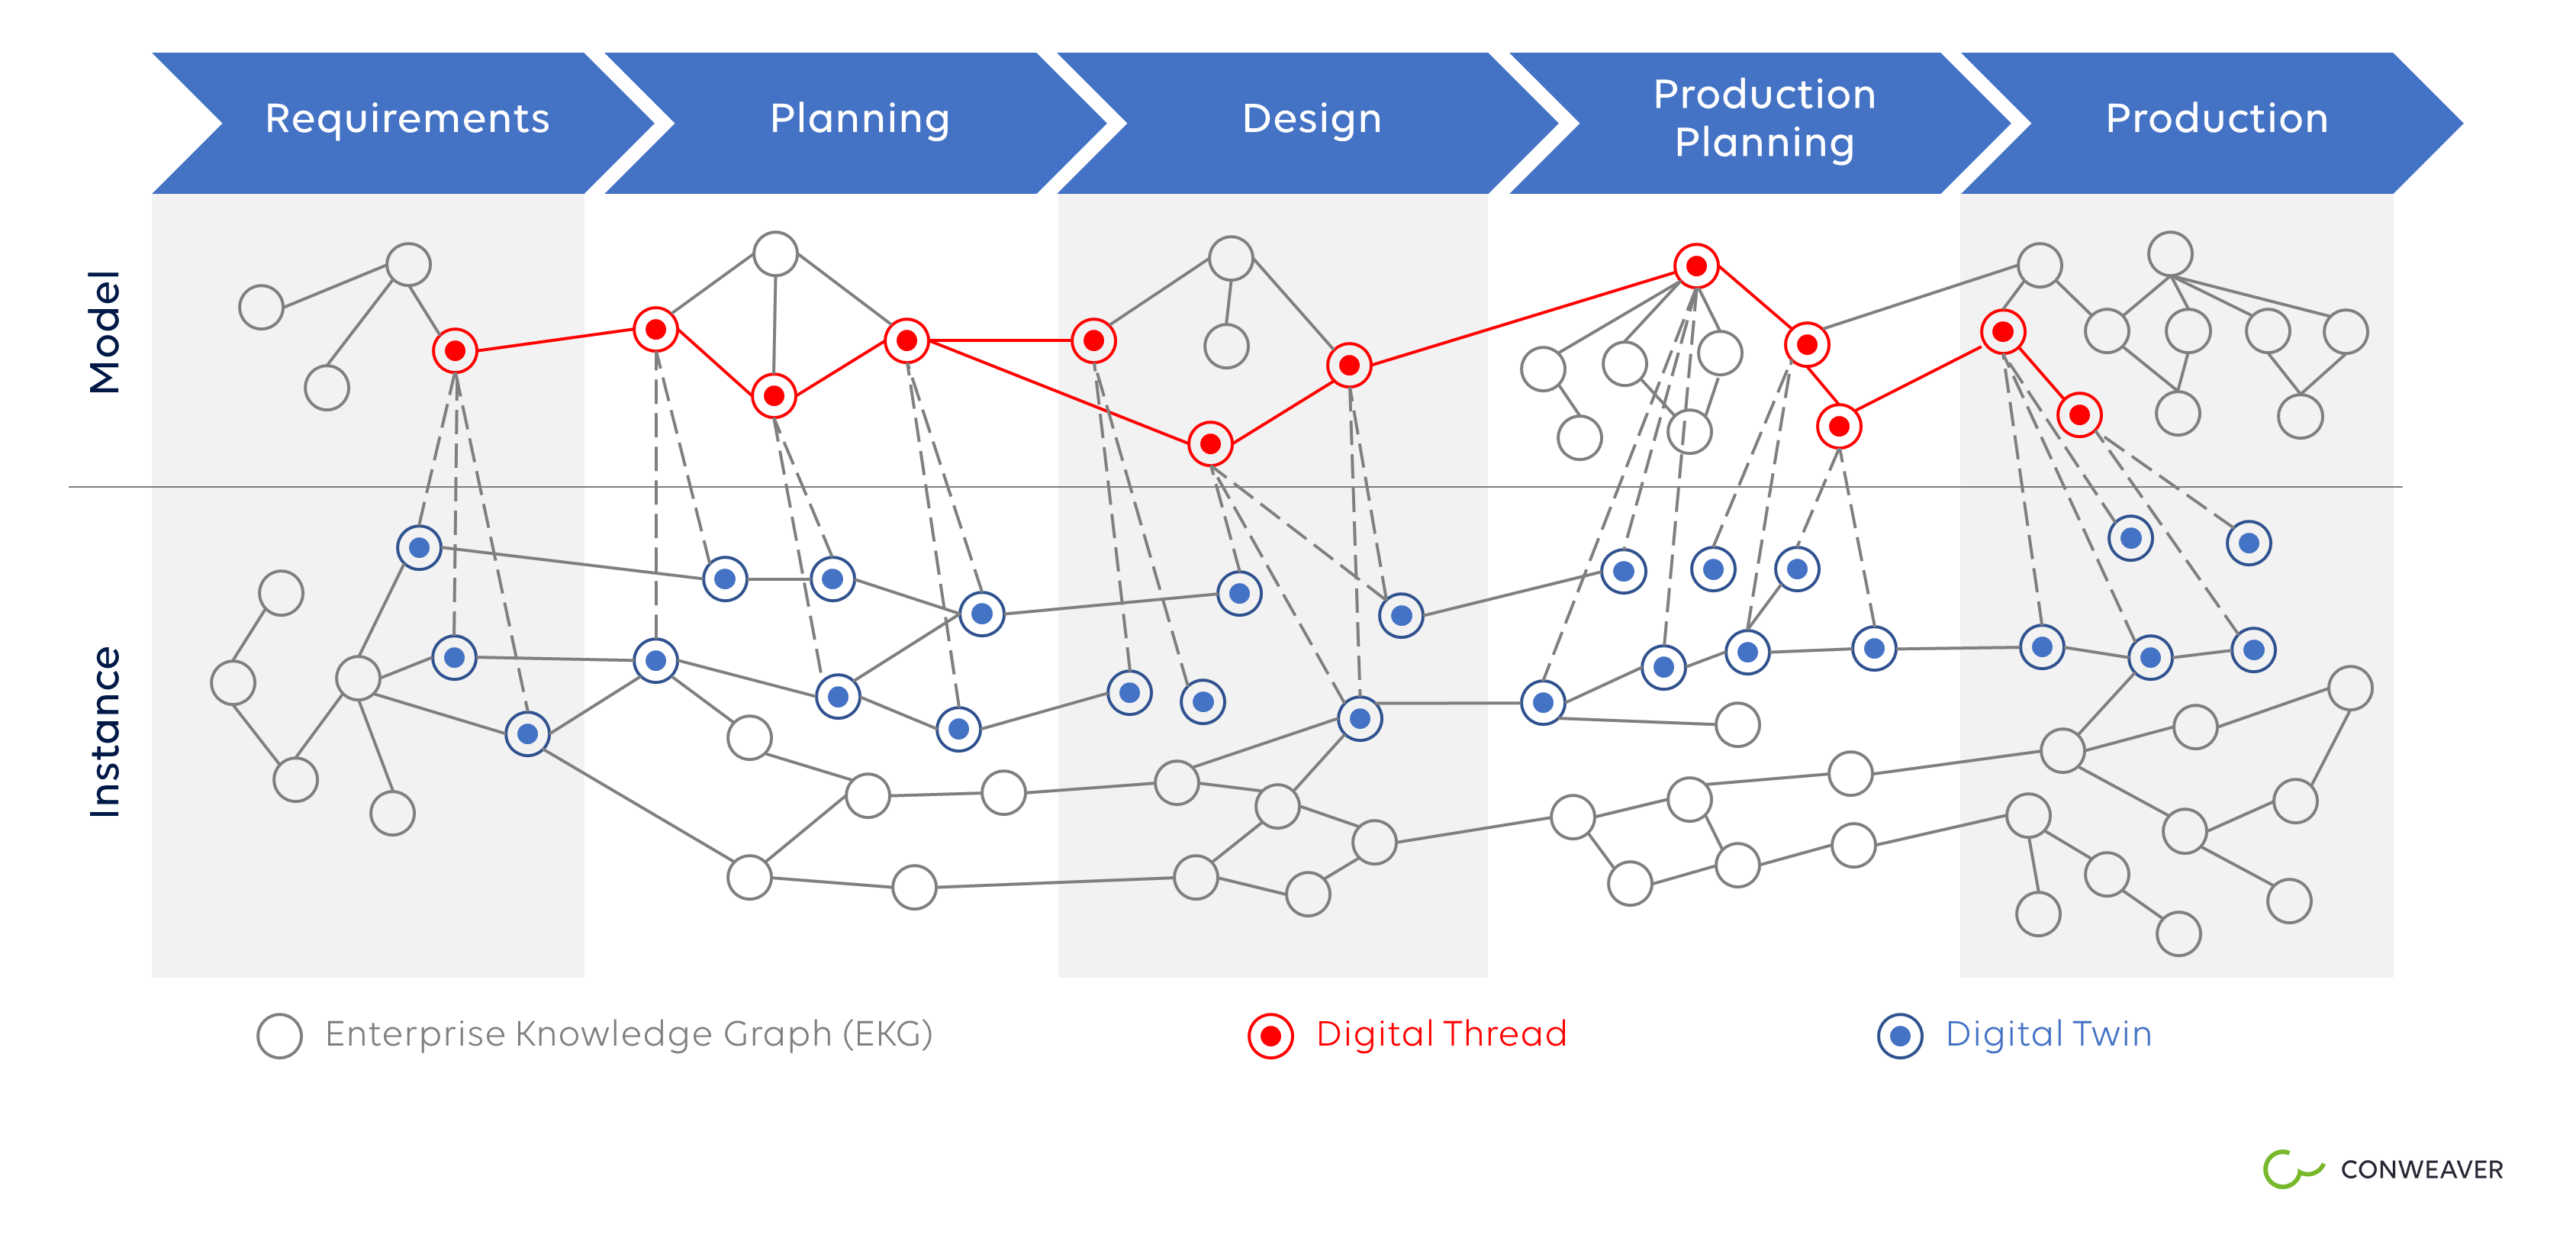 Enterprise Knowledge Graph, Digital Thread und Digital Twin, Modell und Instanz